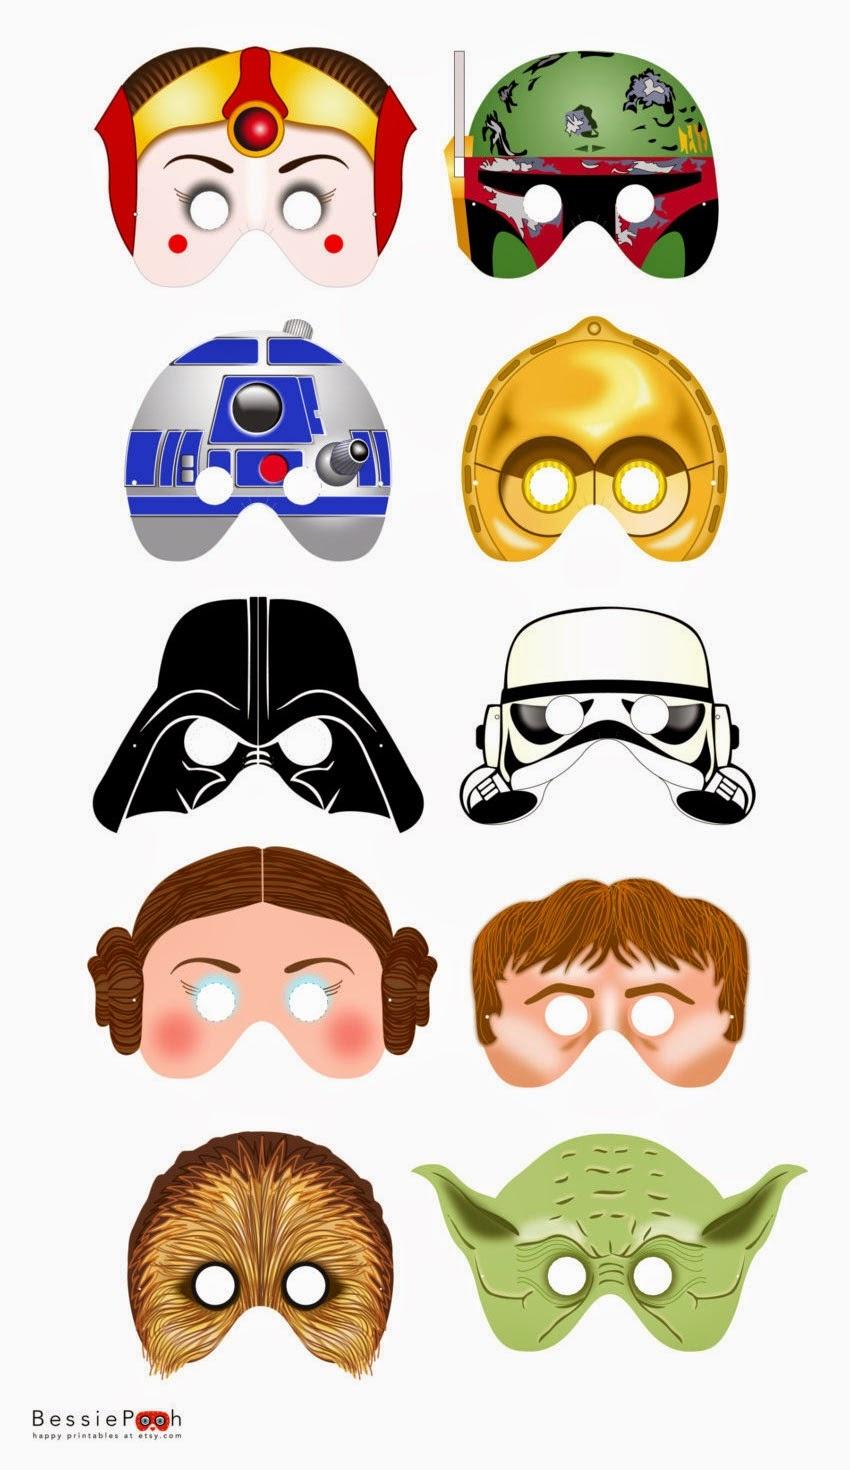 Star Wars Free Printable Masks. - Oh My Fiesta! In English - Free Printable Masks